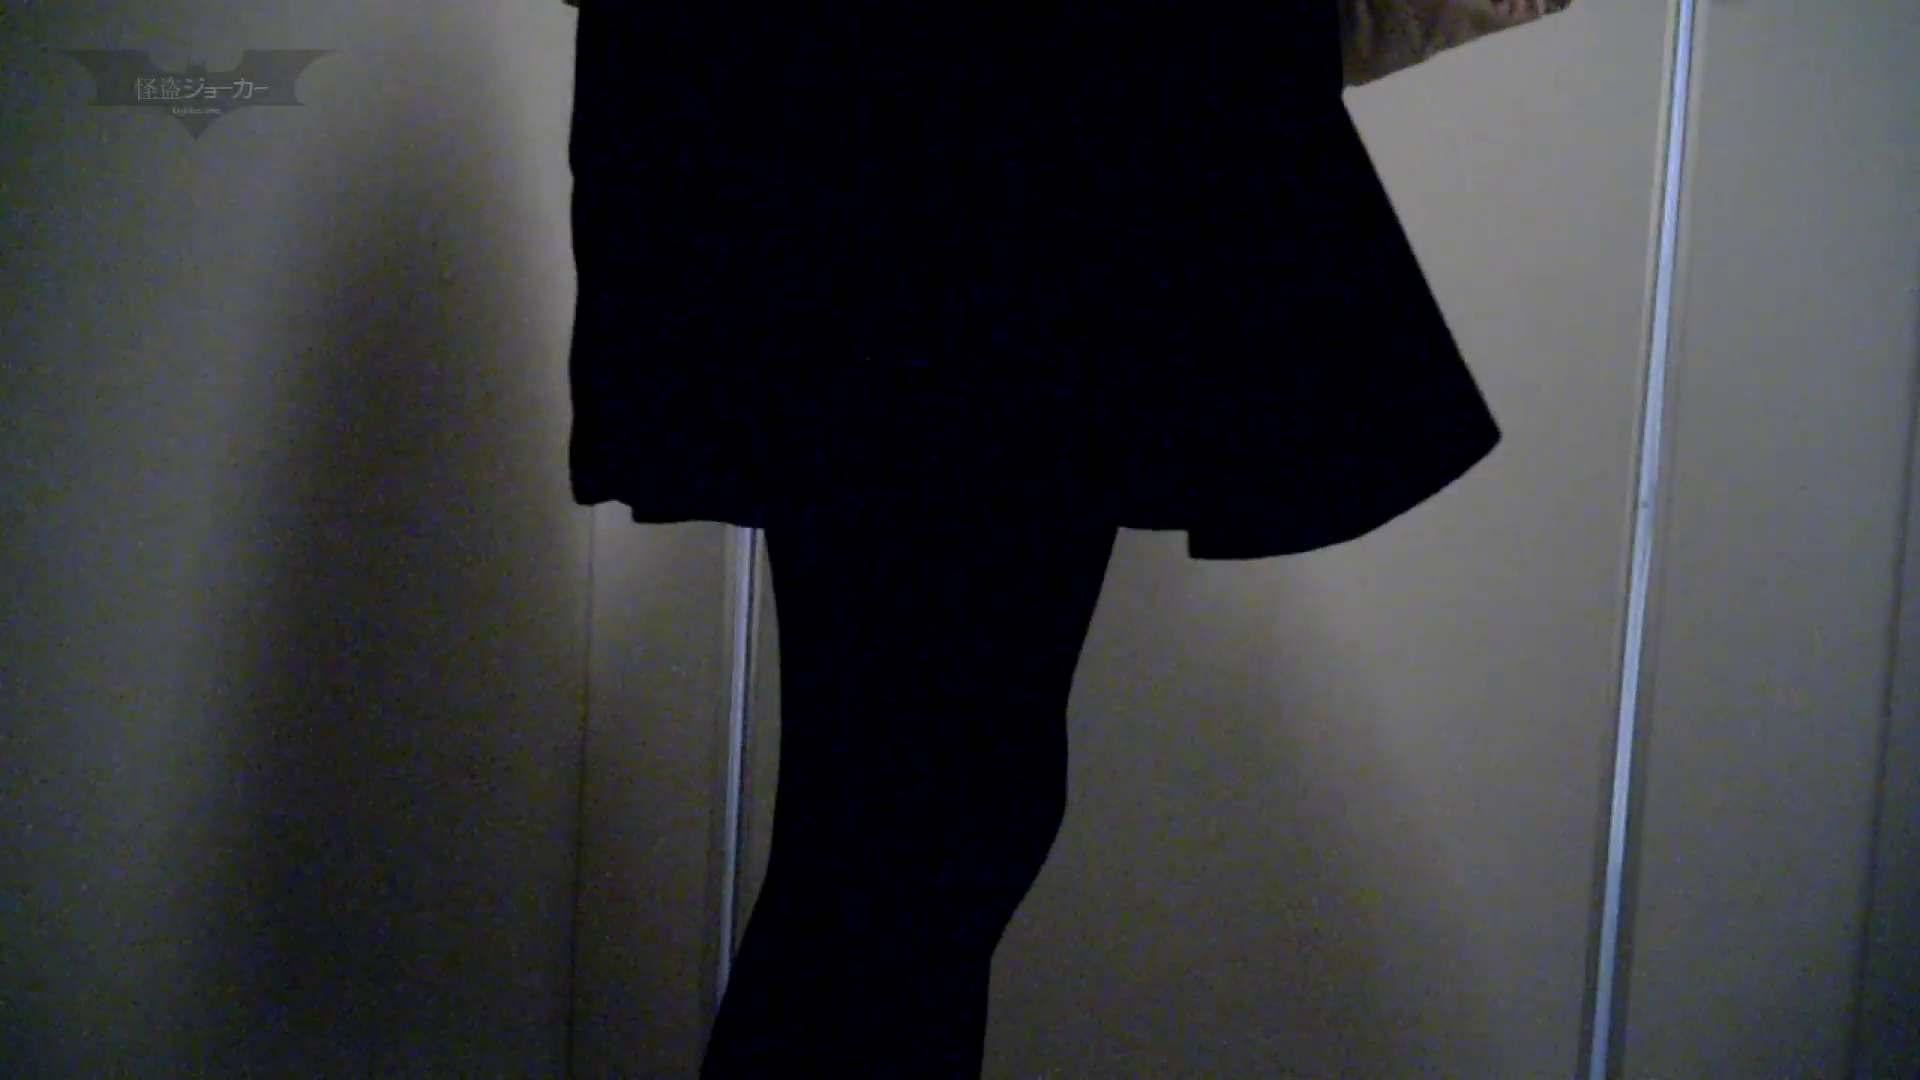 有名大学女性洗面所 vol.57 S級美女マルチアングル撮り!! マルチアングル  80PIX 10